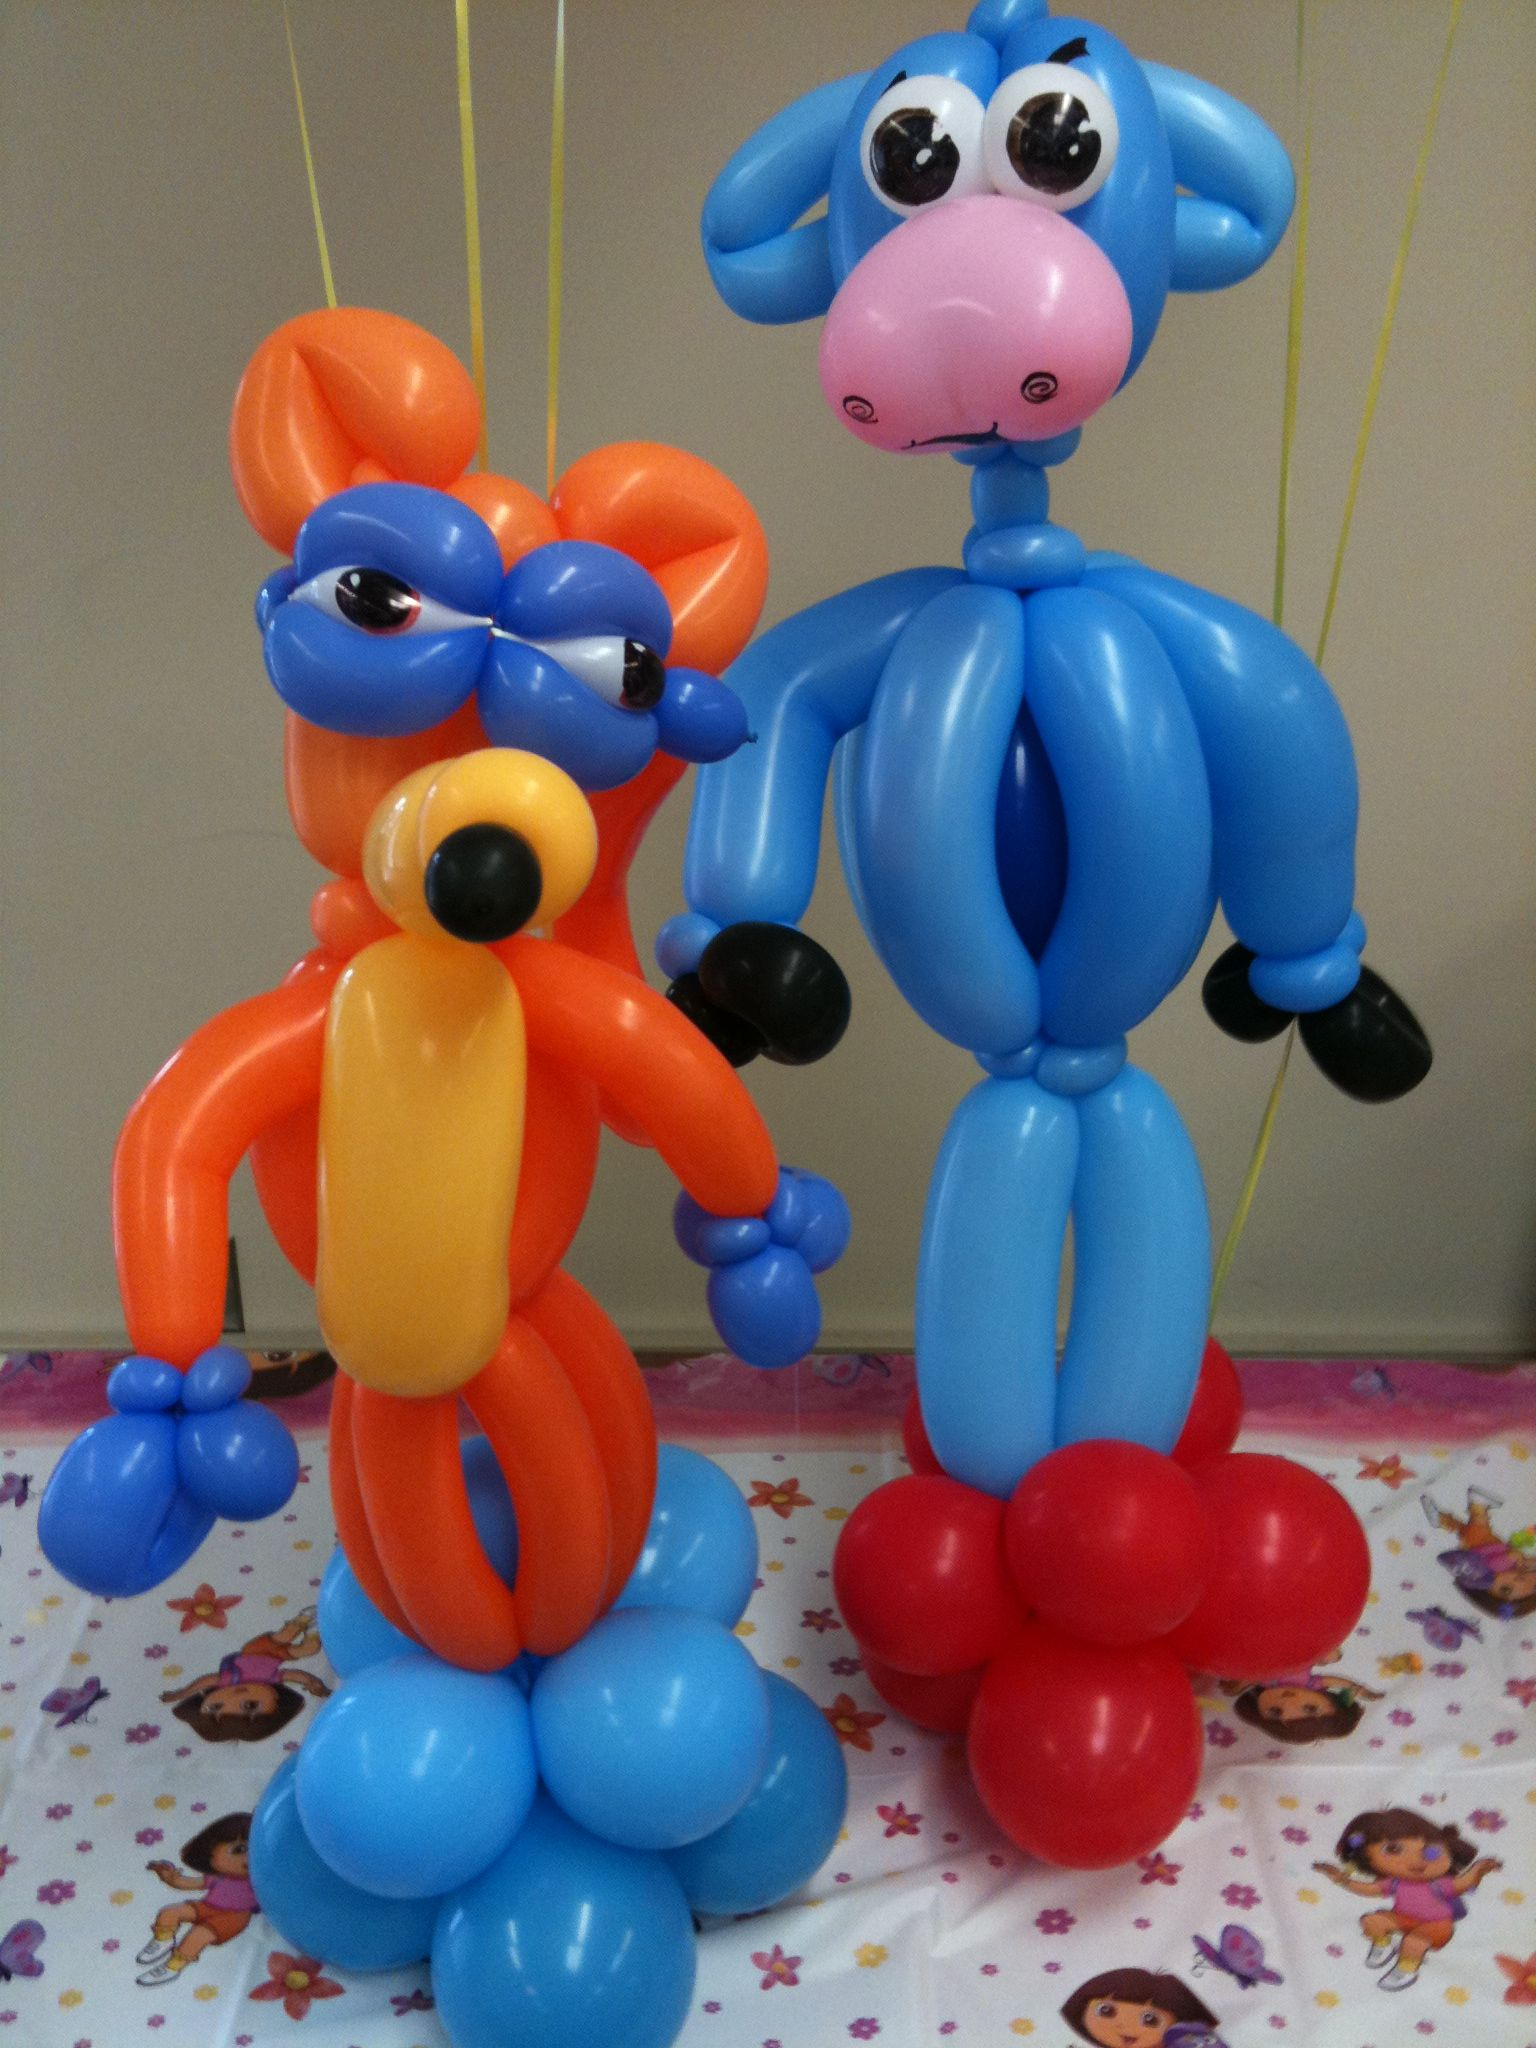 Dora themed cake table balloon decor by Zany Janie Balloon Decor